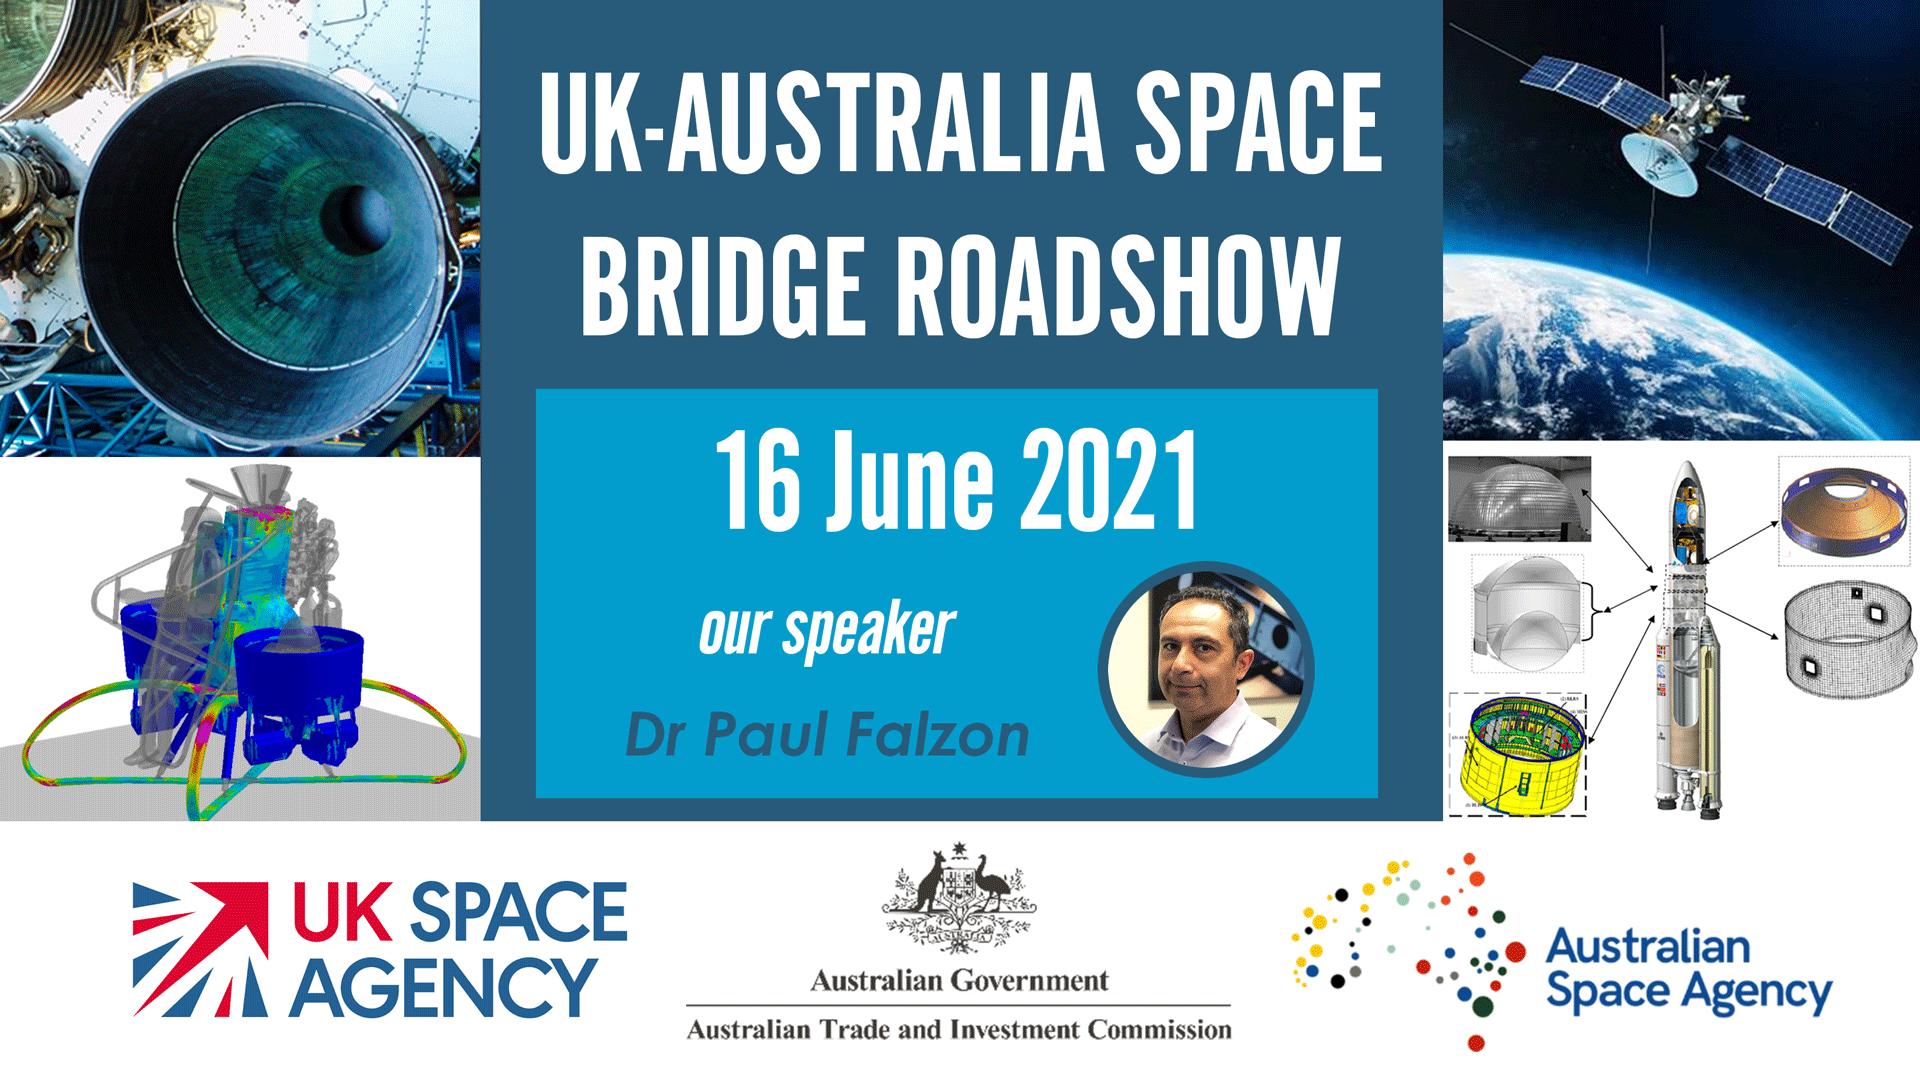 Dr-Paul-Falzon-General-Manager-Victoria-Briefing-UK-Australia-Space-Bridge-Science-Technology-Roadshow-Webinar-ACS-Australia-Advanced-Composite-Structures-210616